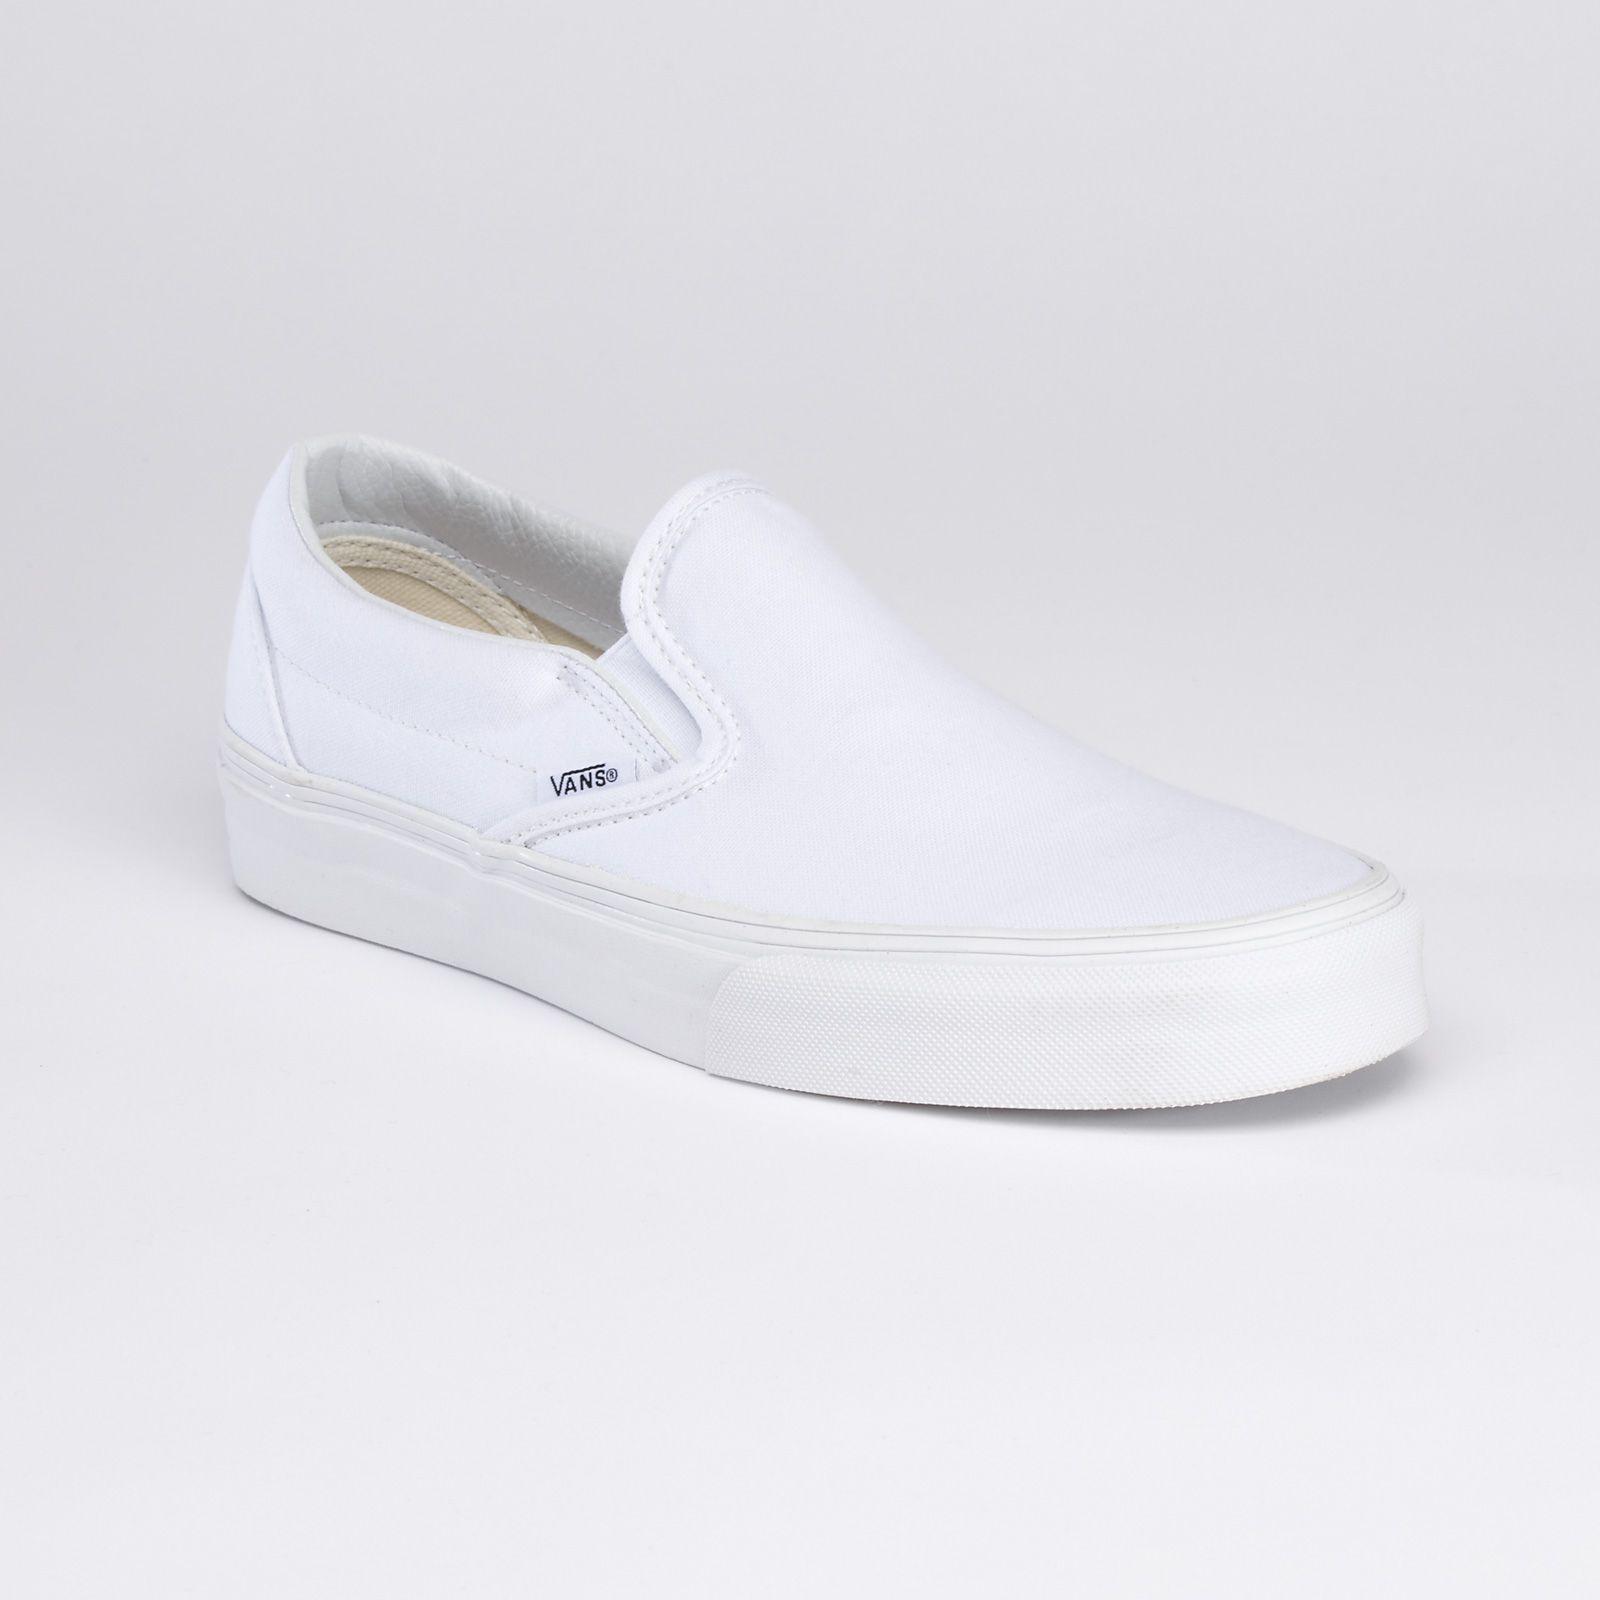 Groomsmen shoes, Shoes, Vans shoes